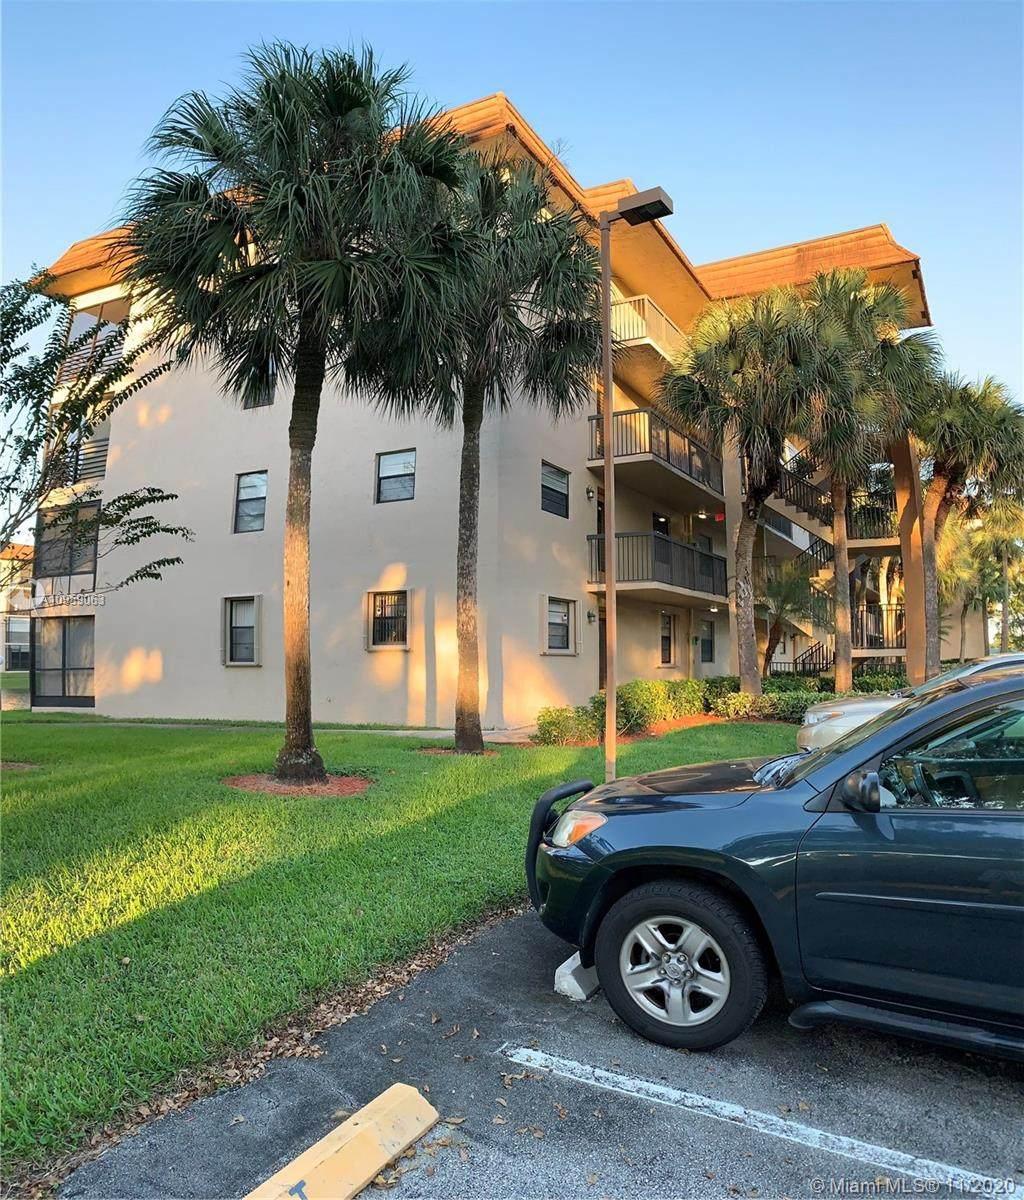 4950 Sabal Palm Blvd - Photo 1